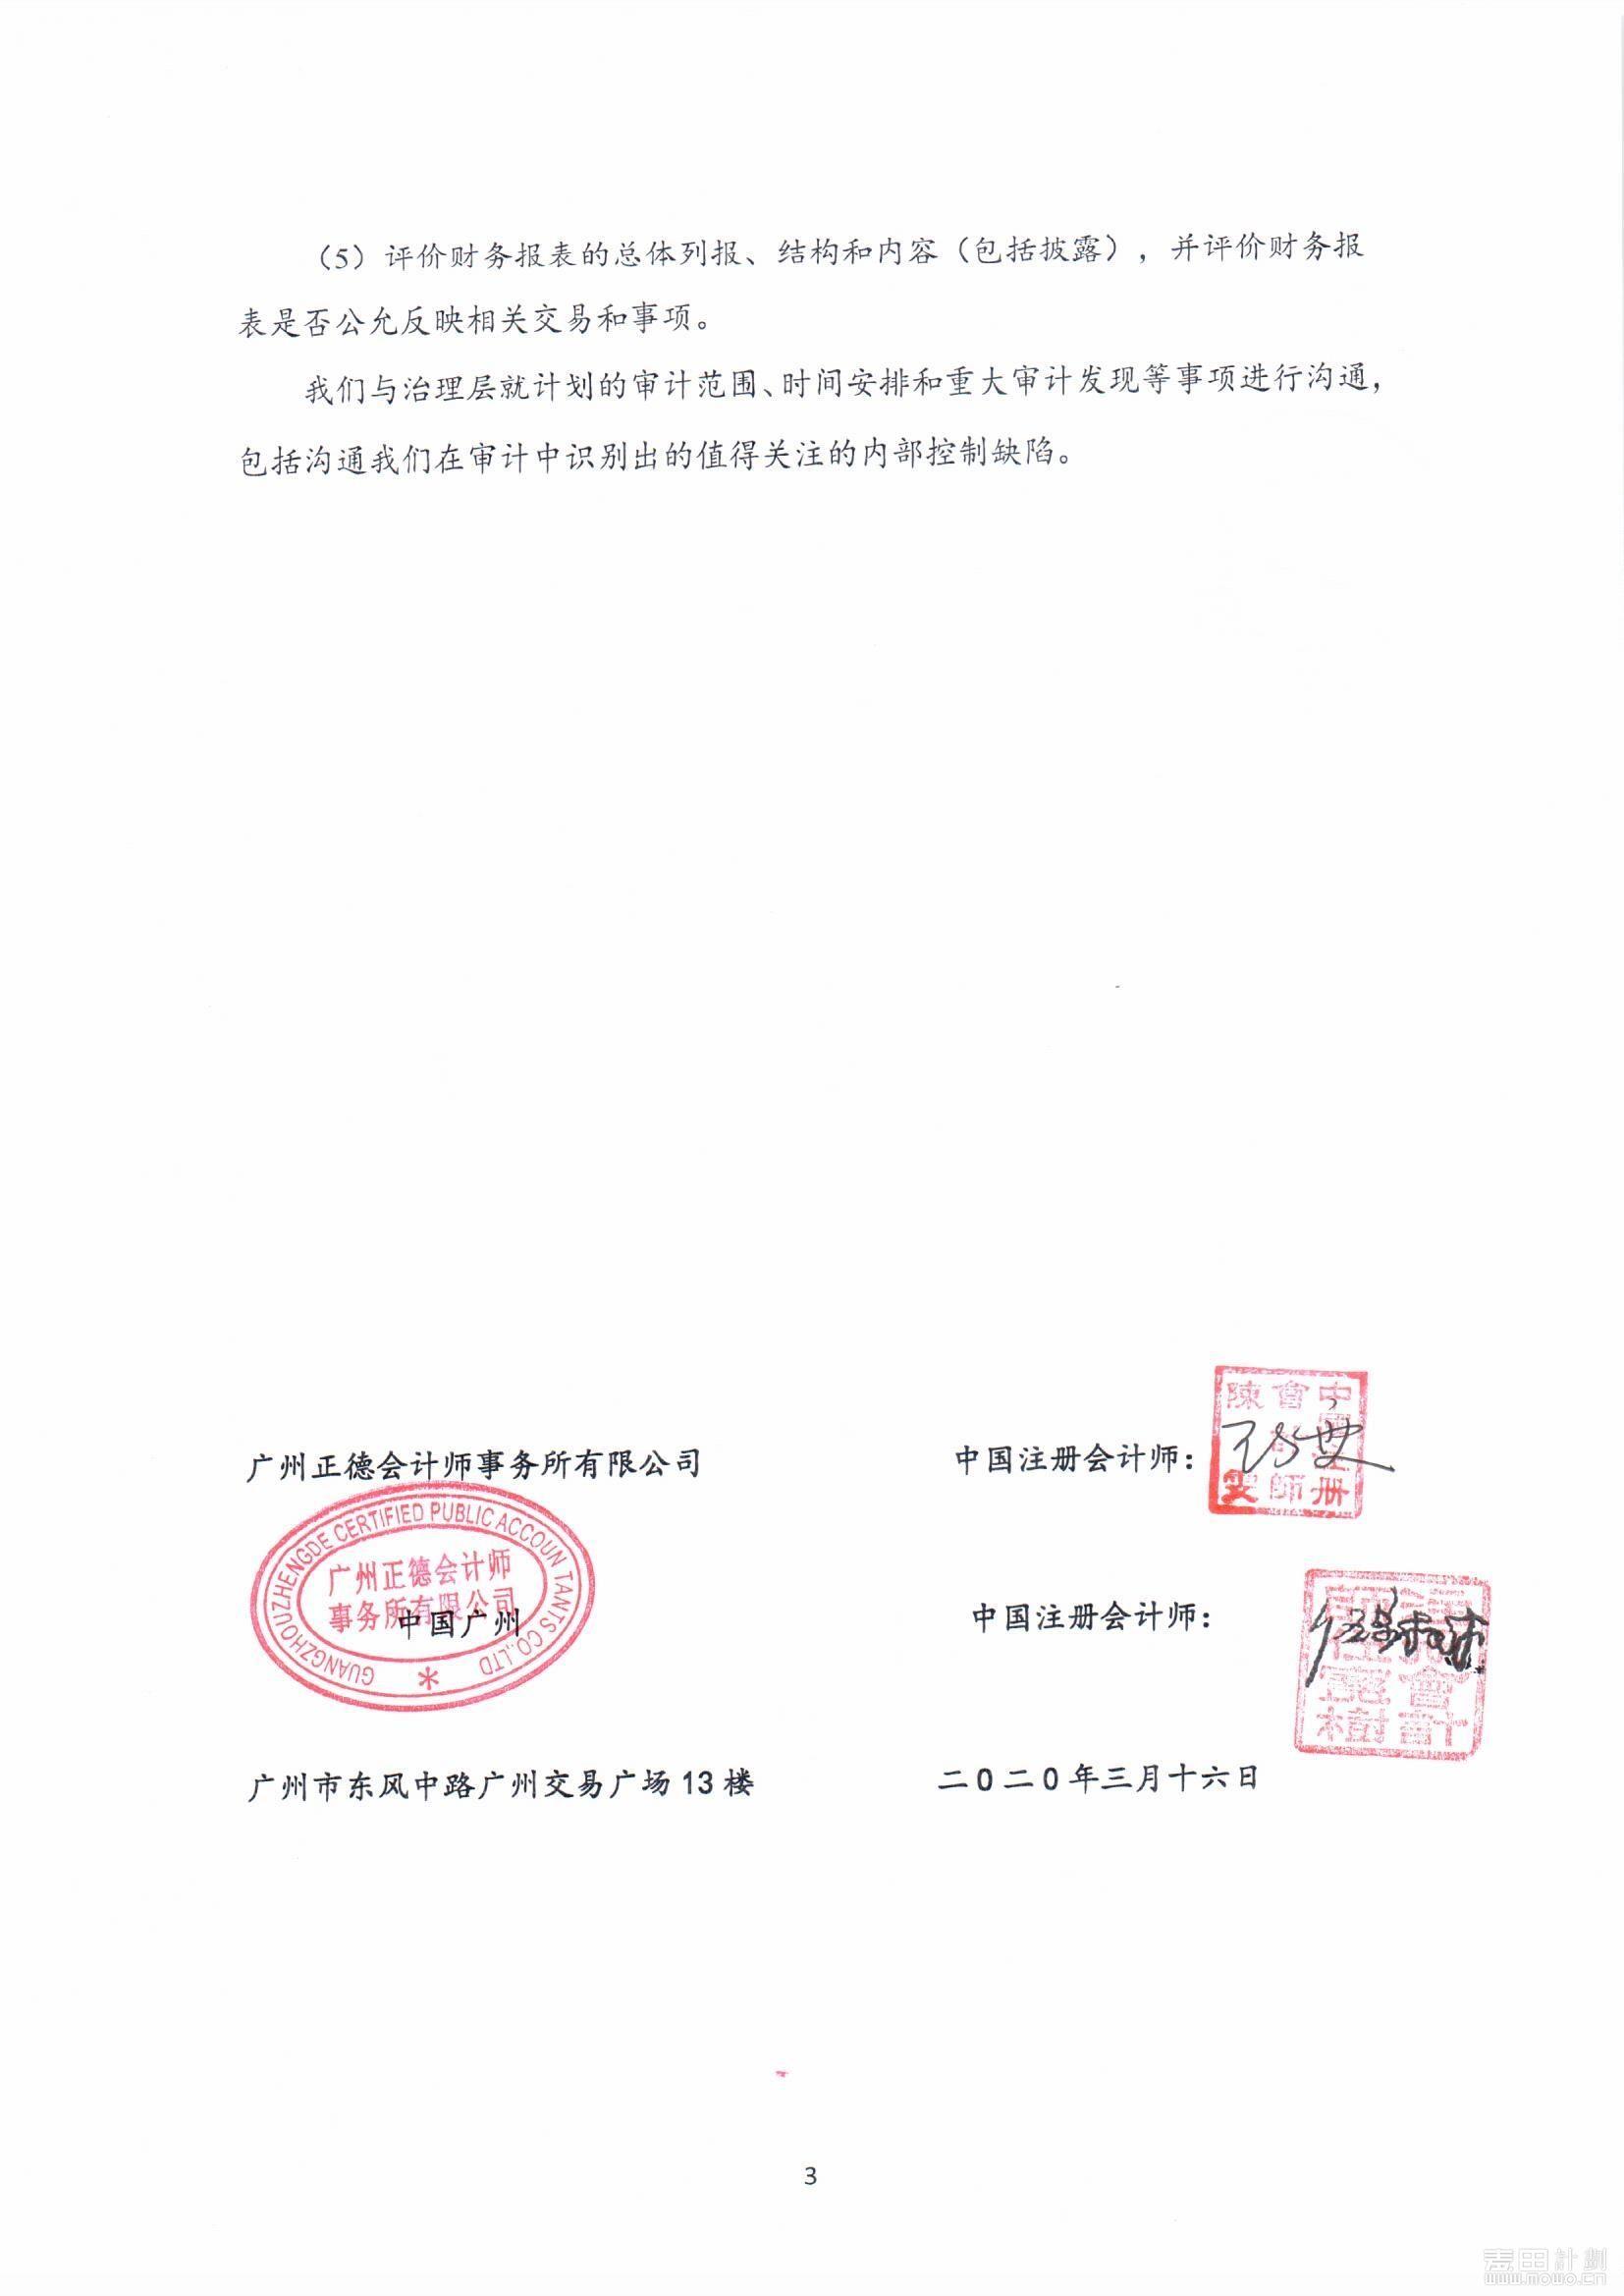 麦田教育基金会2019年度审计报告_页面_05.jpg